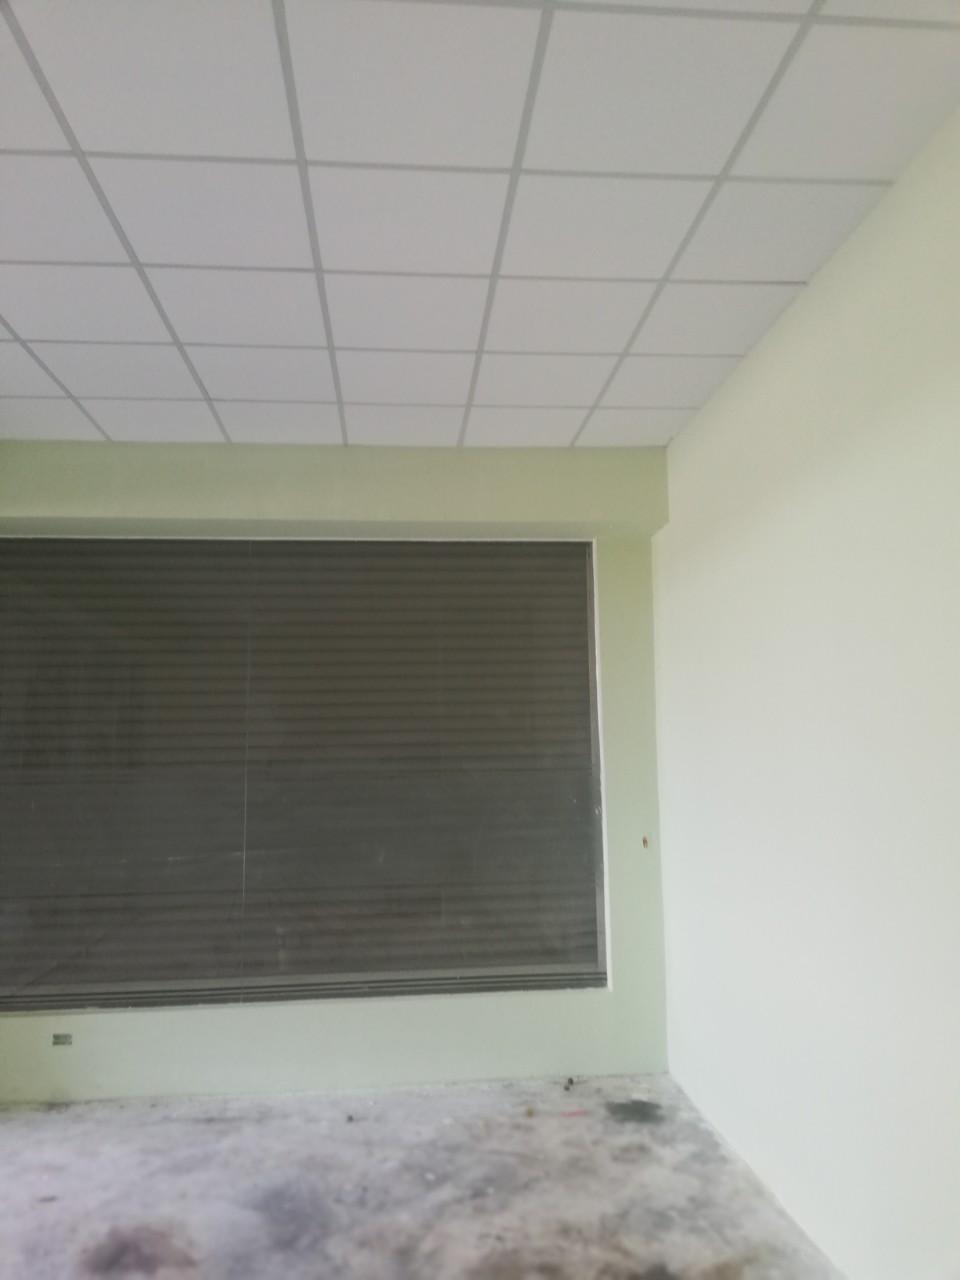 sơn sửa nhà giá rẻ tphcm quận bình thạnh